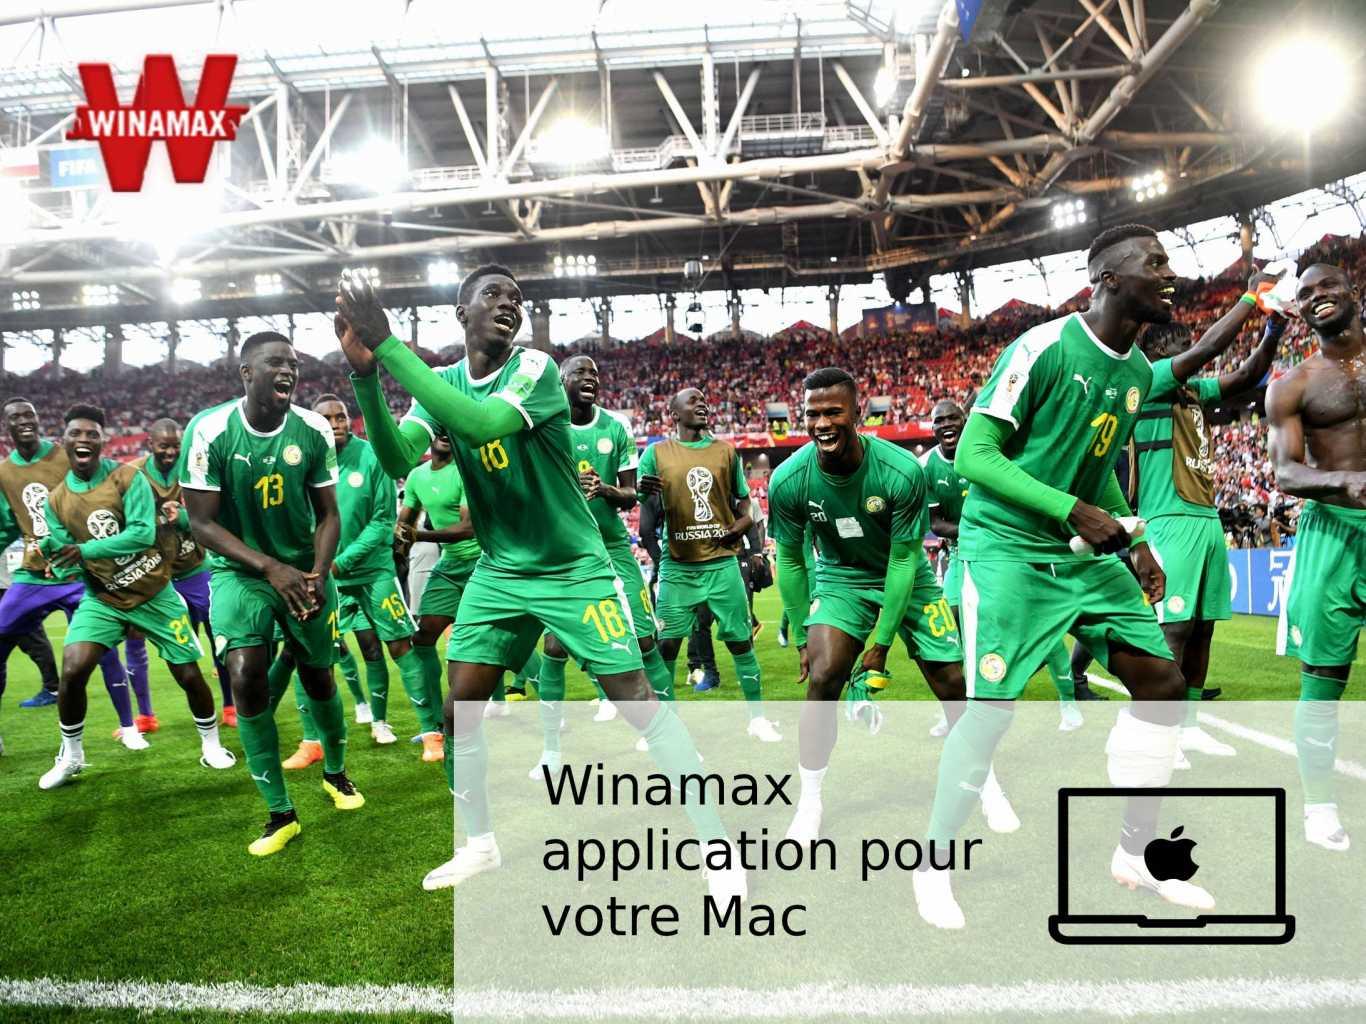 Winamax application pour votre mac